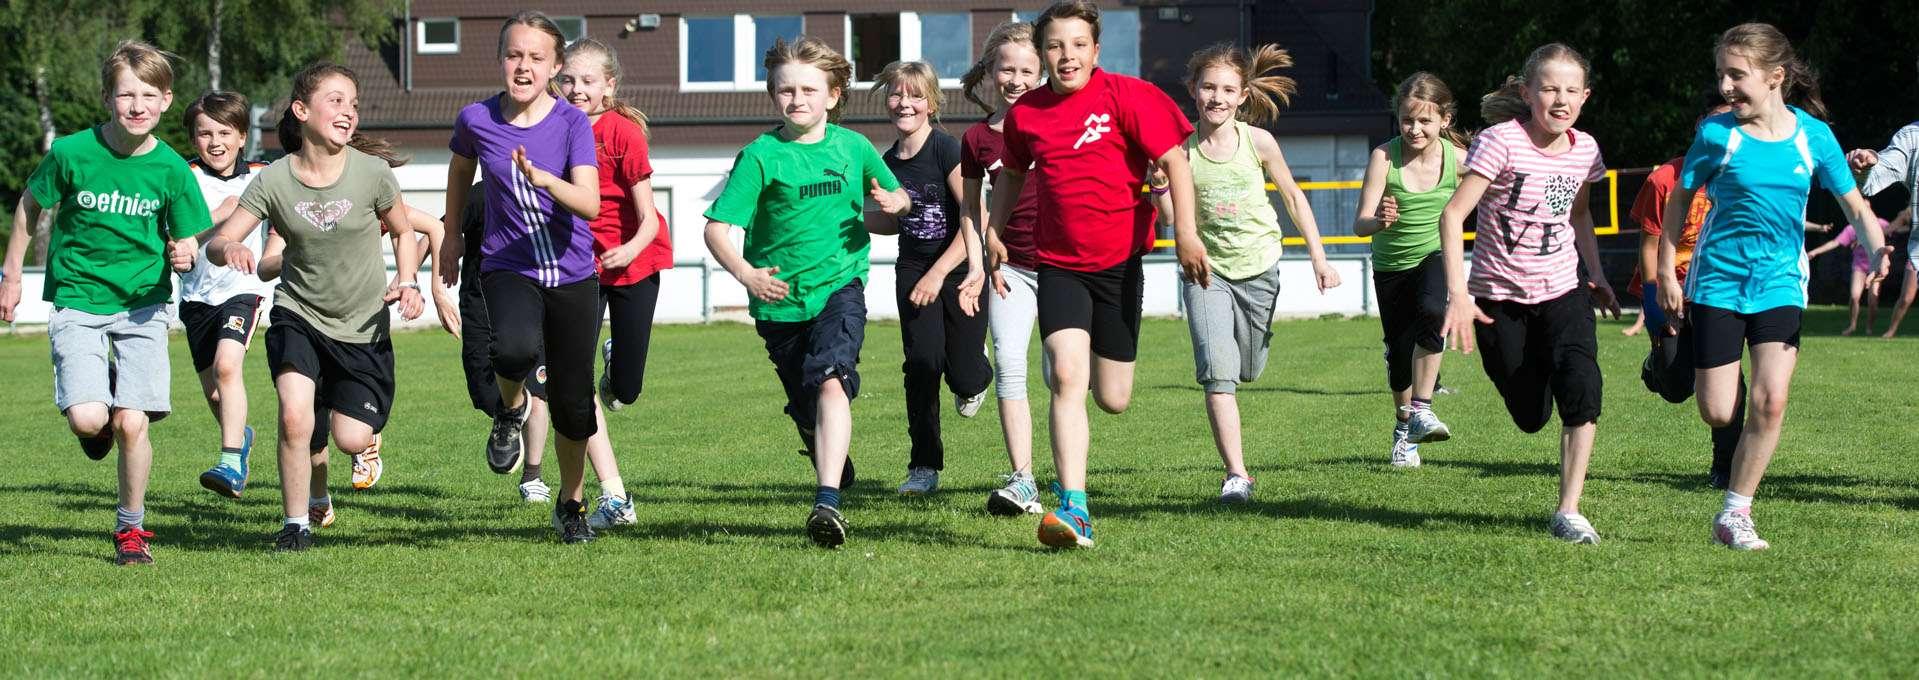 Teaser Anschrift des LSB NRW: Kinder rennen